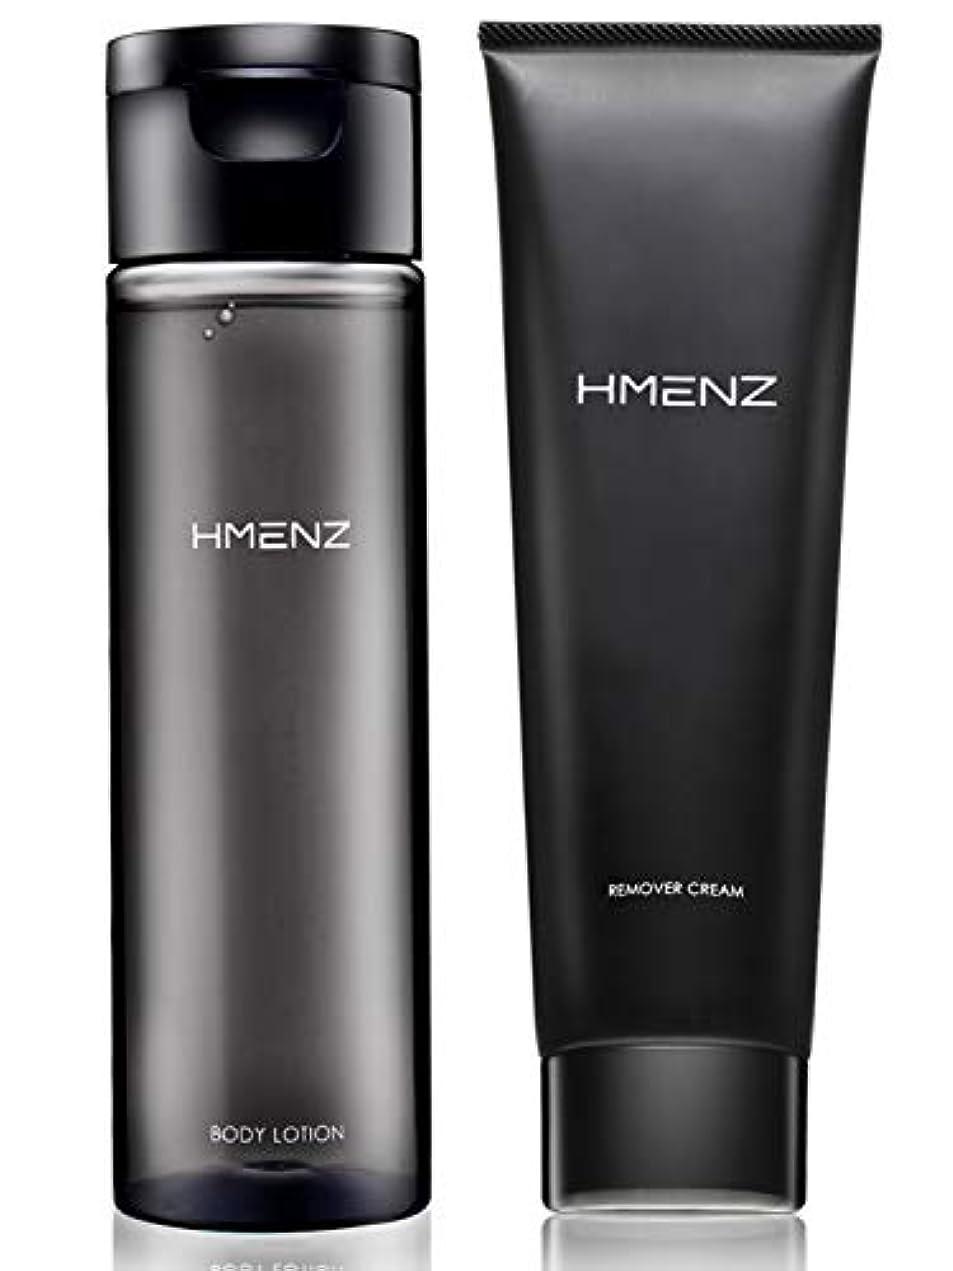 日焼け扱いやすい練習した医薬部外品 HMENZ メンズ 除毛クリーム + アフターシェーブローション 【 パーフェクト 除毛 セット 】 陰部 VIO 使用可能 210g & 250ml